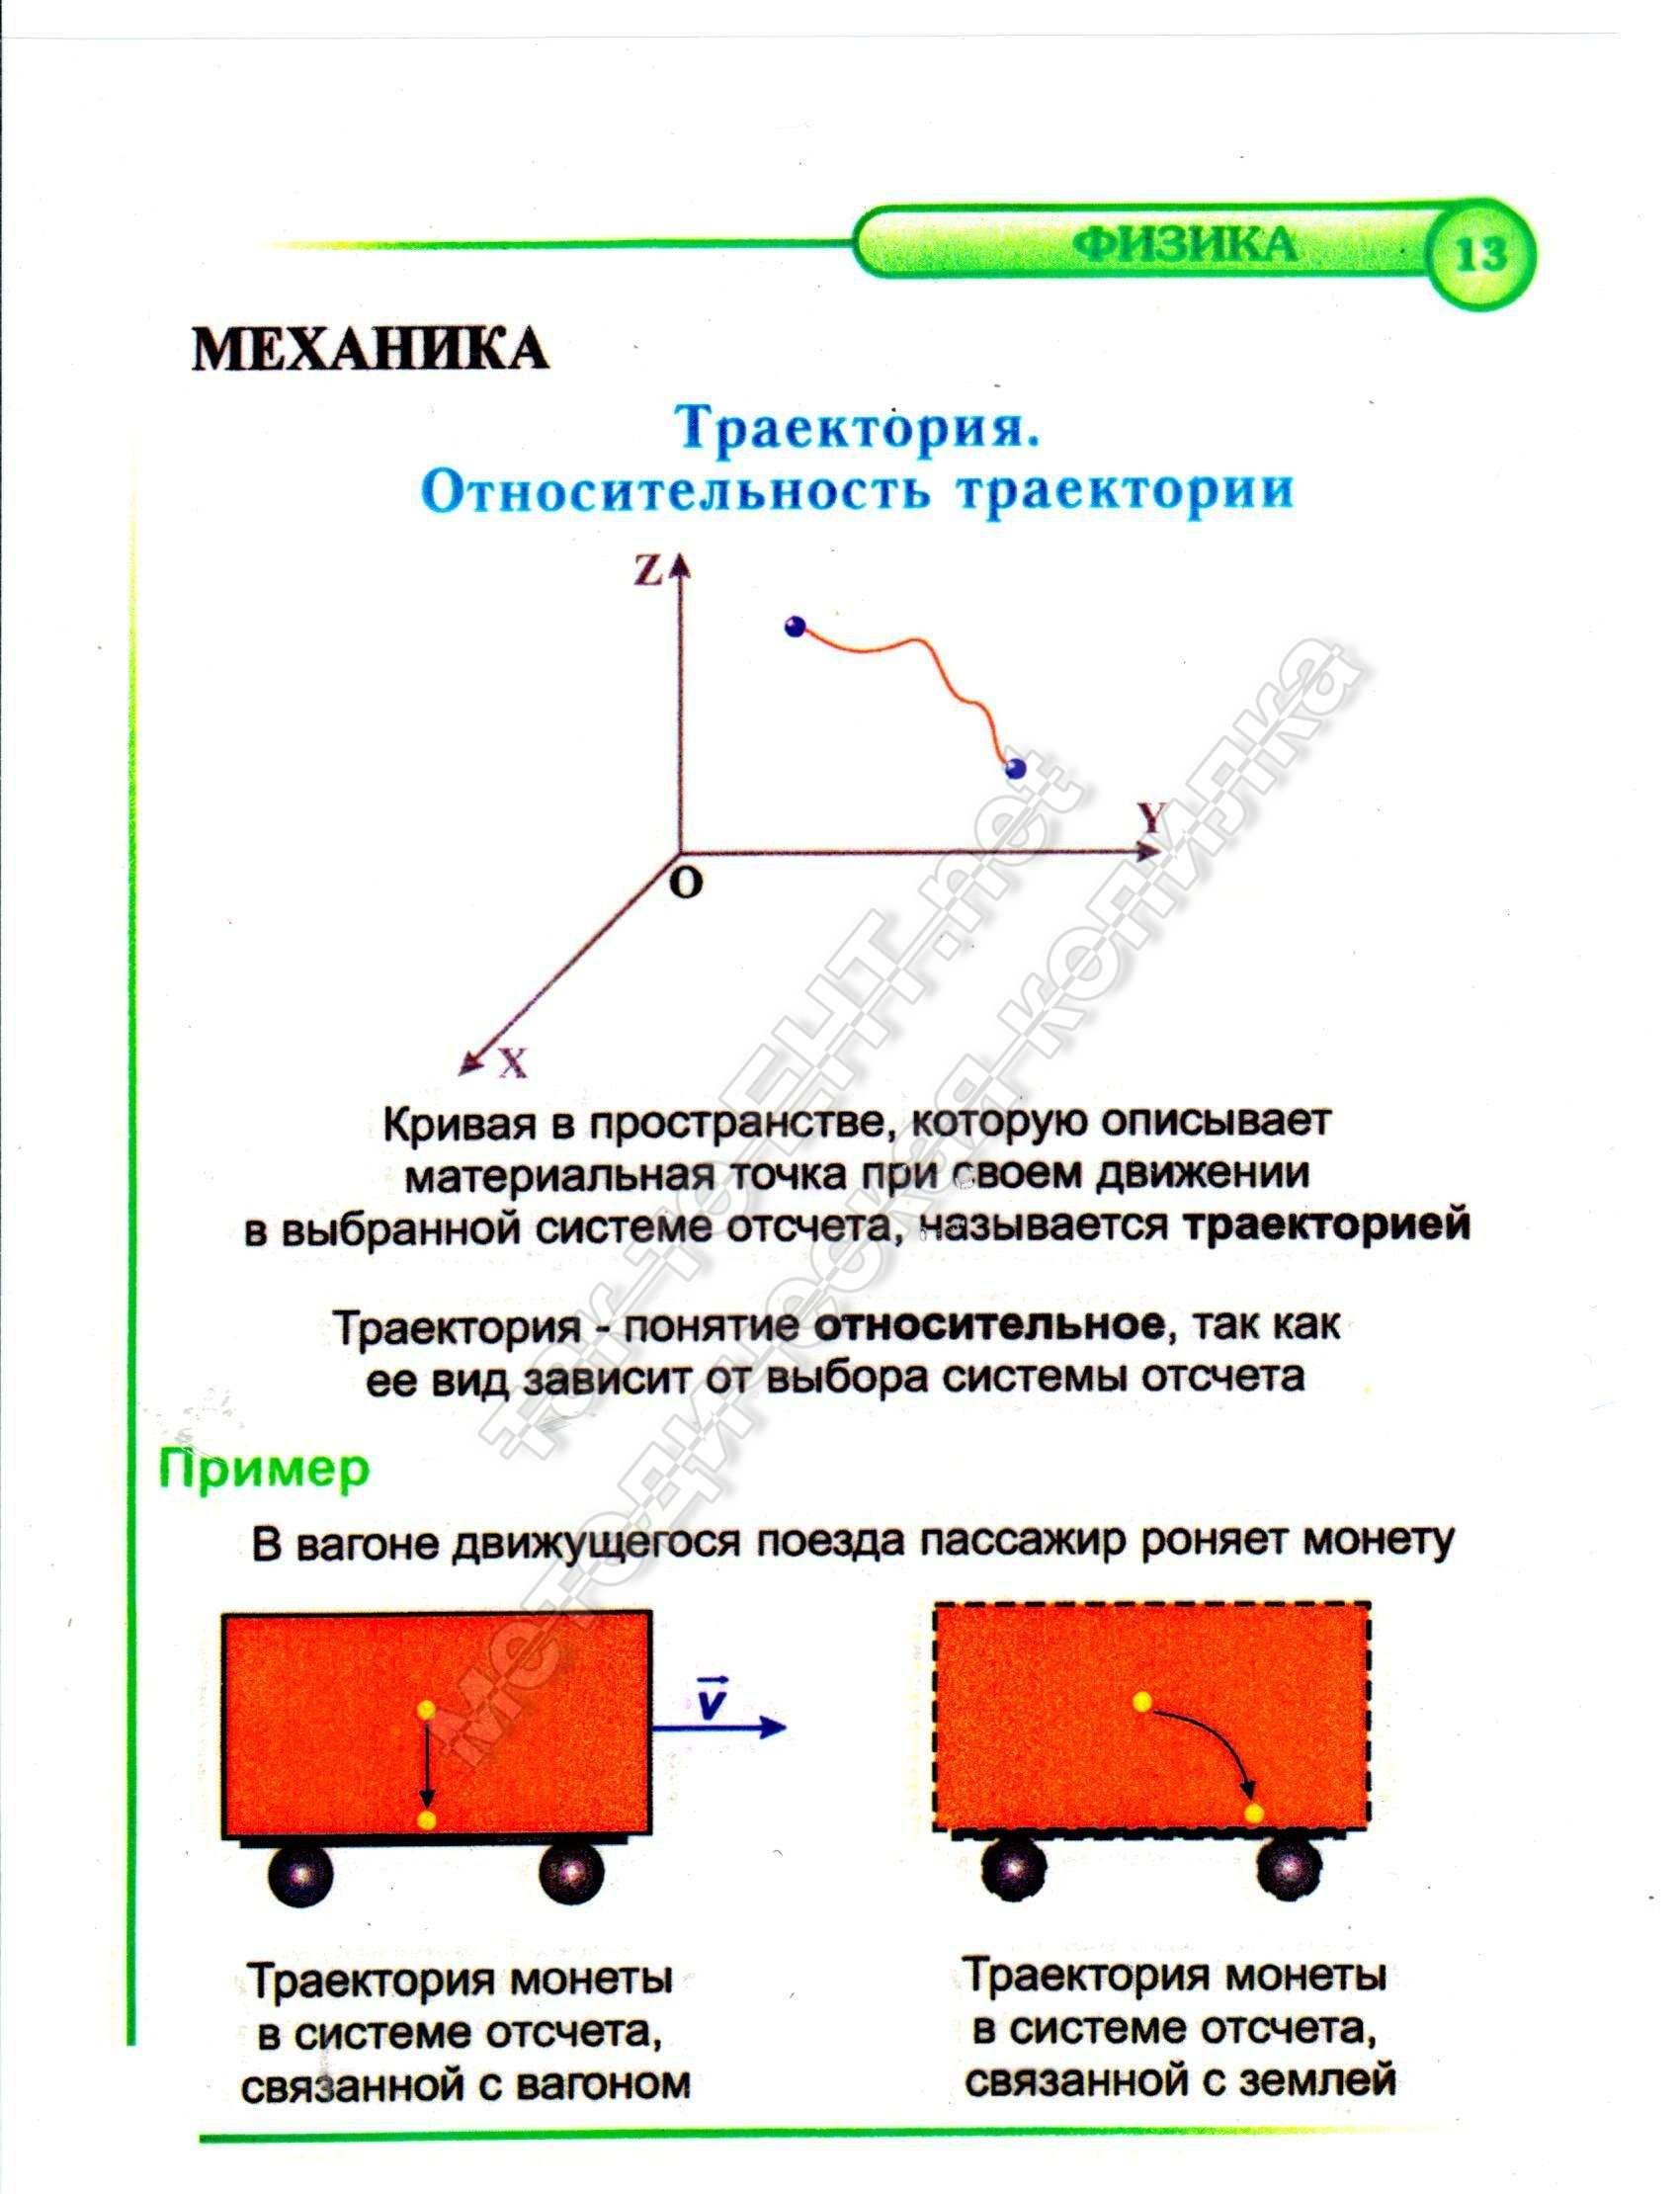 13 Траектория. Относительность траектории (механика)